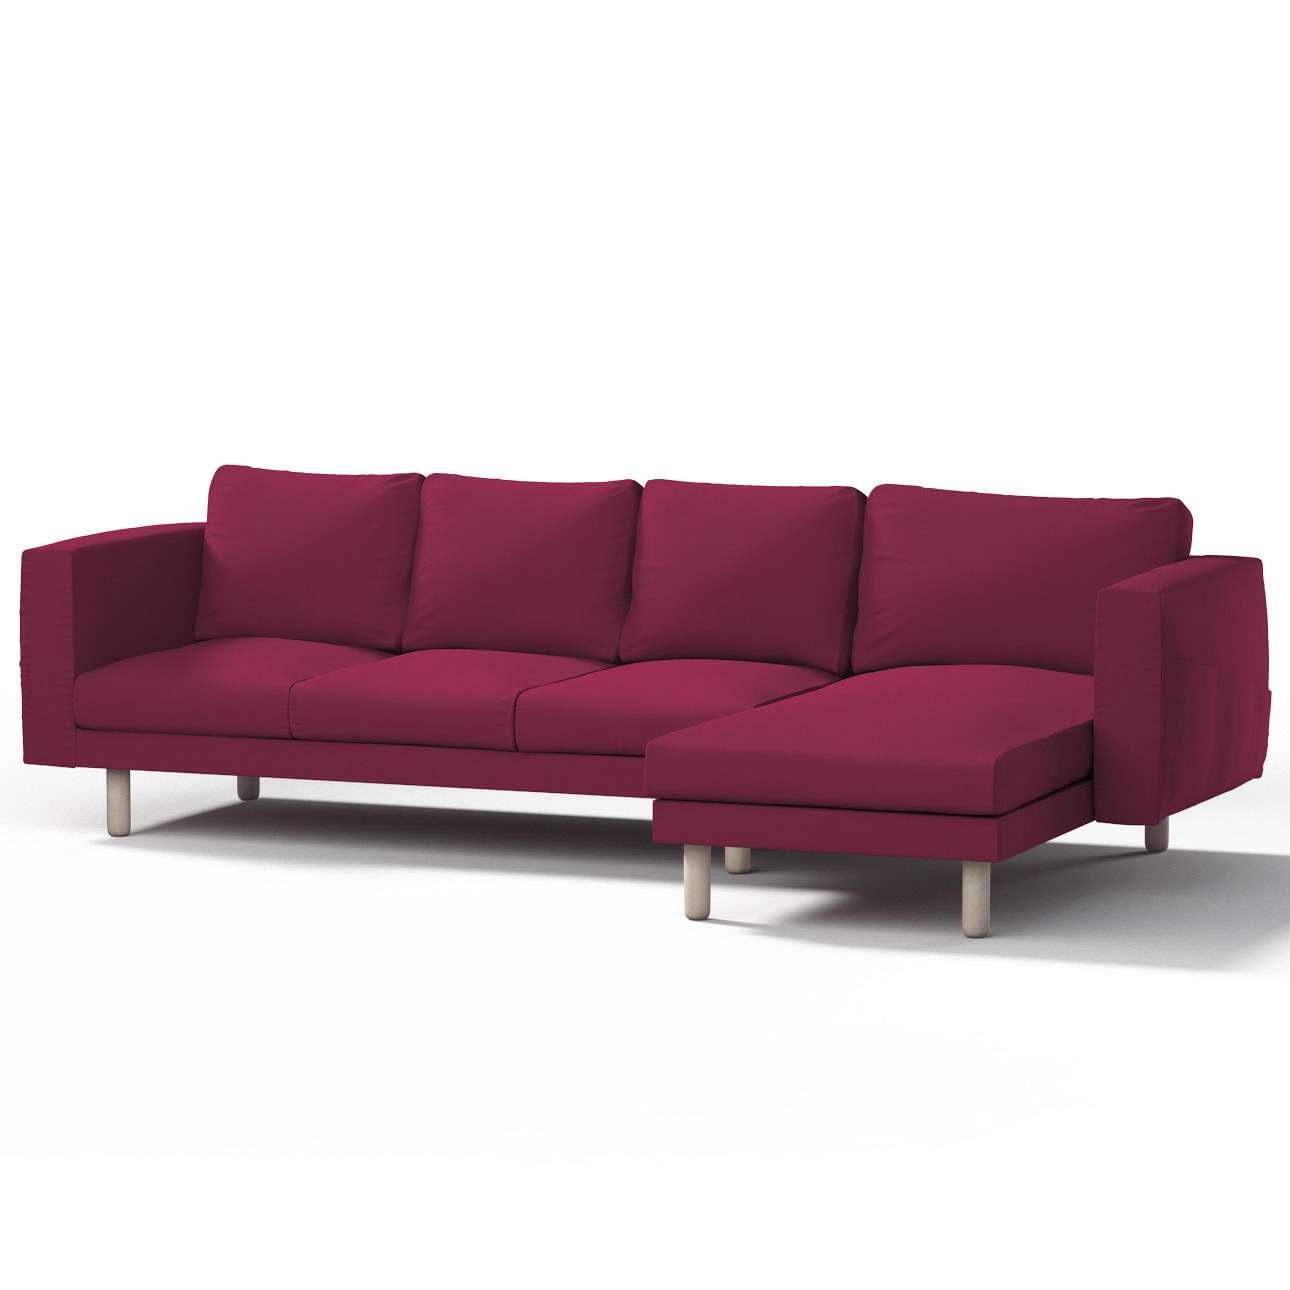 Norsborg Bezug für 4-Sitzer Sofa mit Recamiere, pflaume , Norsborg Bezug für 4-Sitzer Sofa mit Recamiere, Cotton Panama   Wohnzimmer > Sofas & Couches > Recamieren   Dekoria